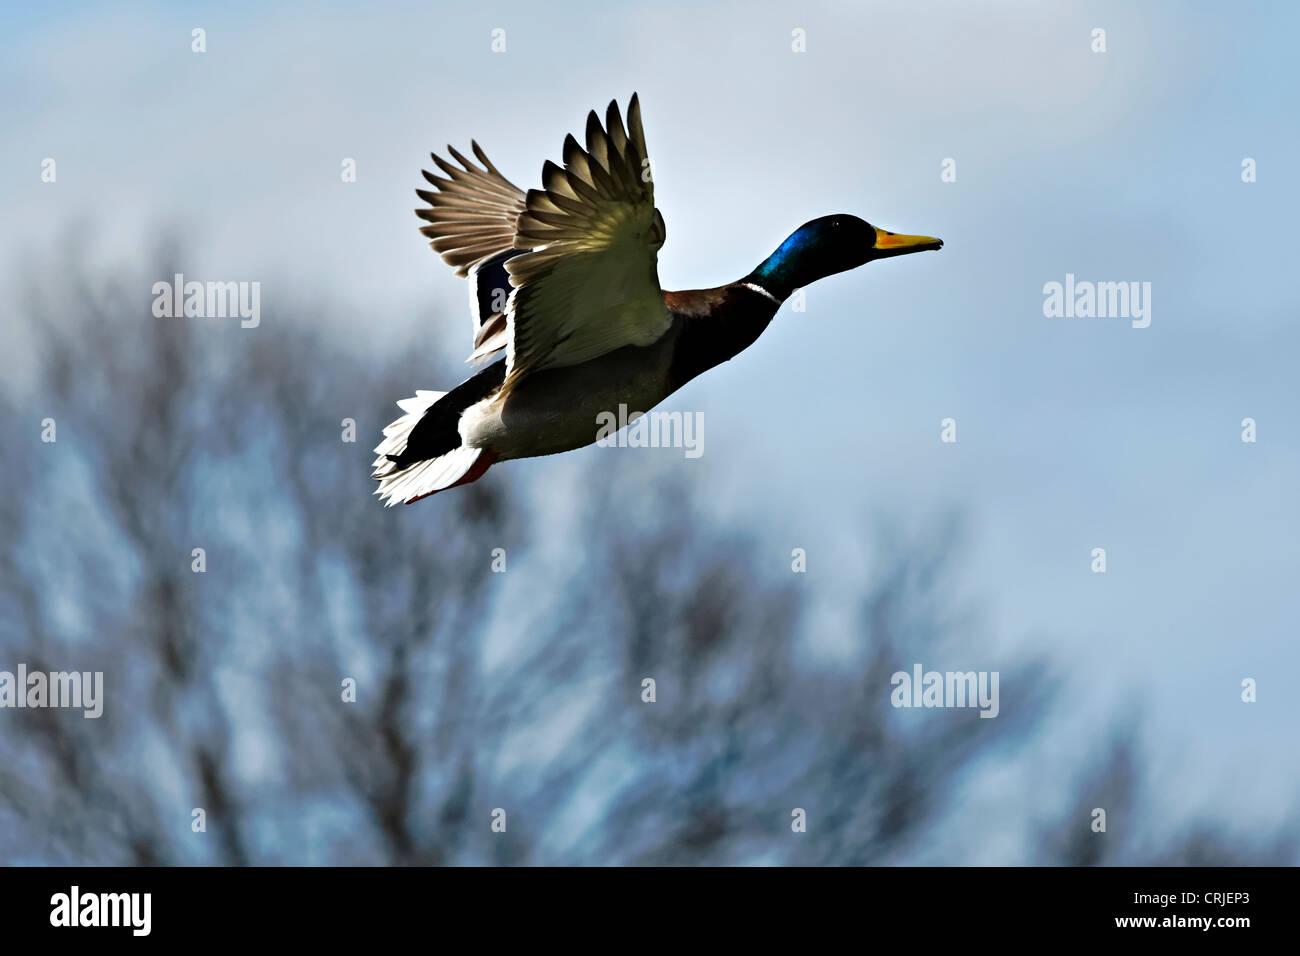 Mallard Duck Anas platyrhynchos in flight, Upper Bavaria Germany - Stock Image